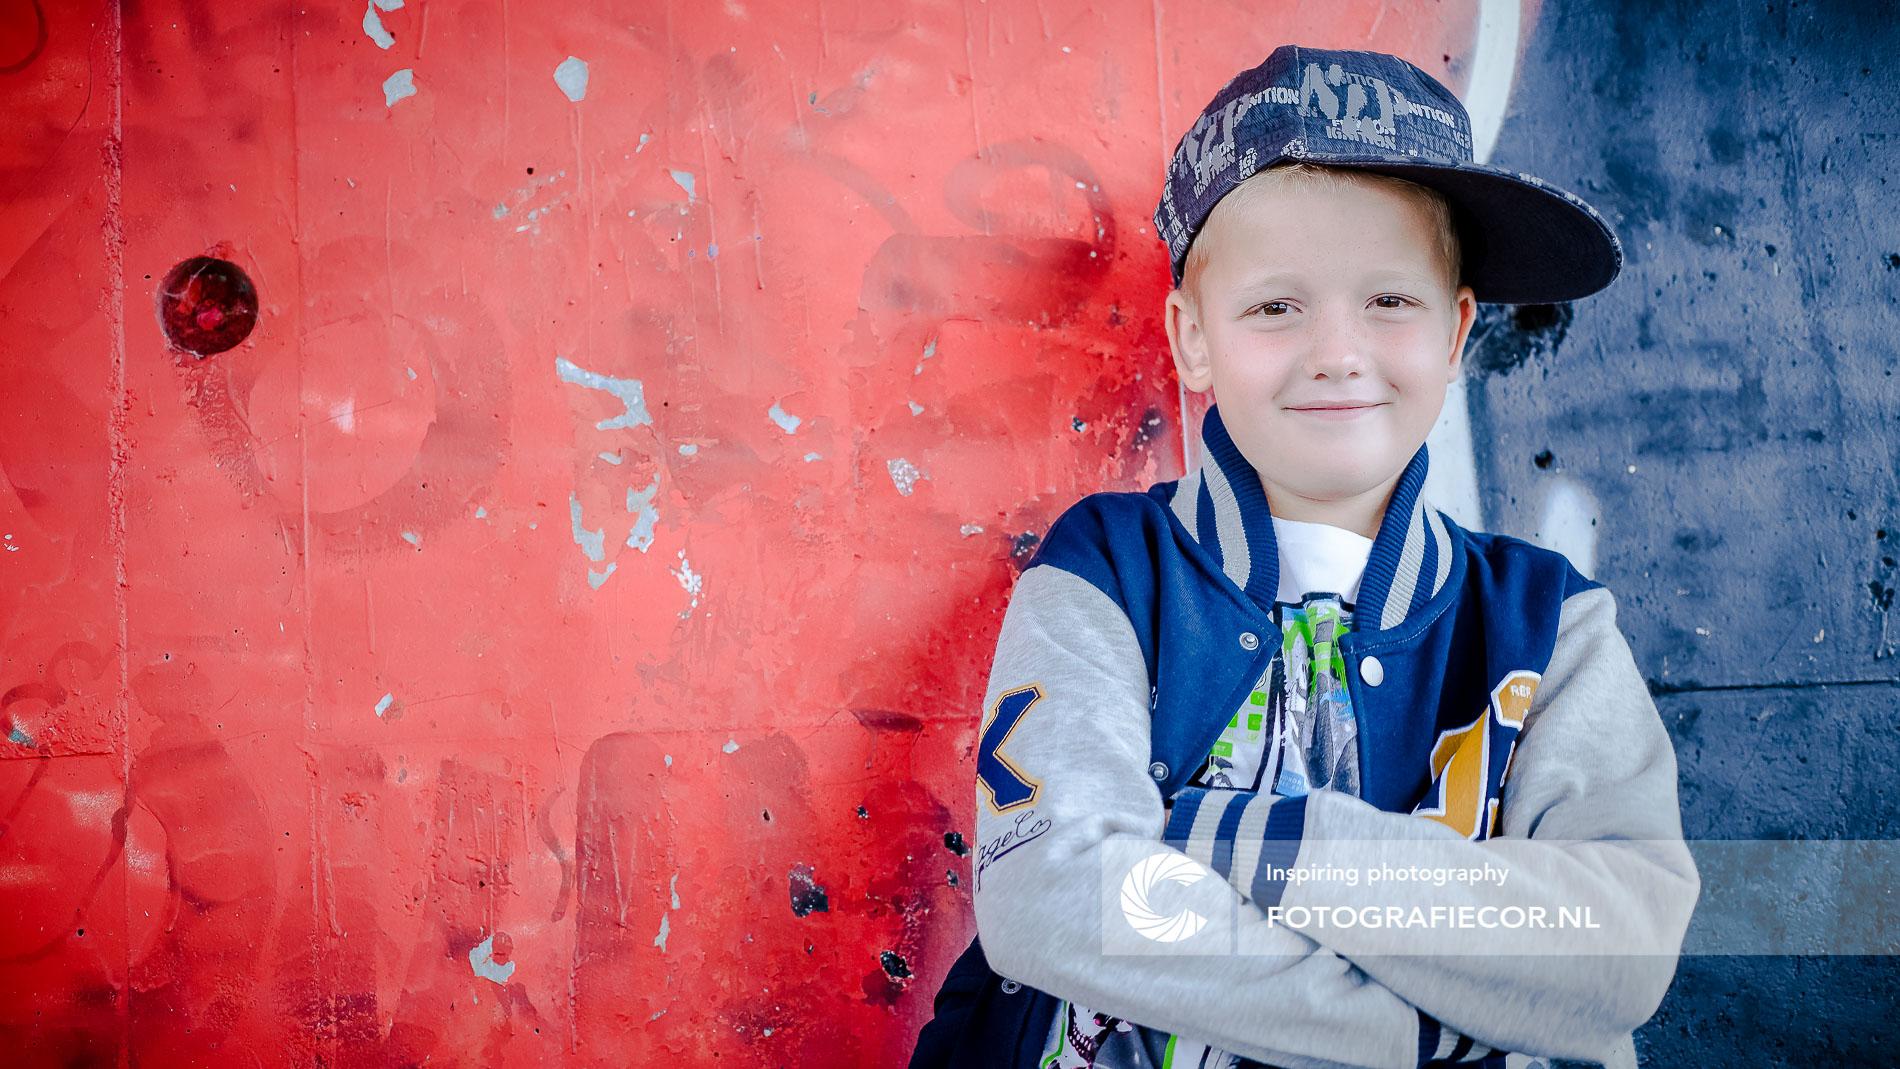 kinderportret | Stoere vent | urbex | graffiti | fotoshoot | portret | foto | kind